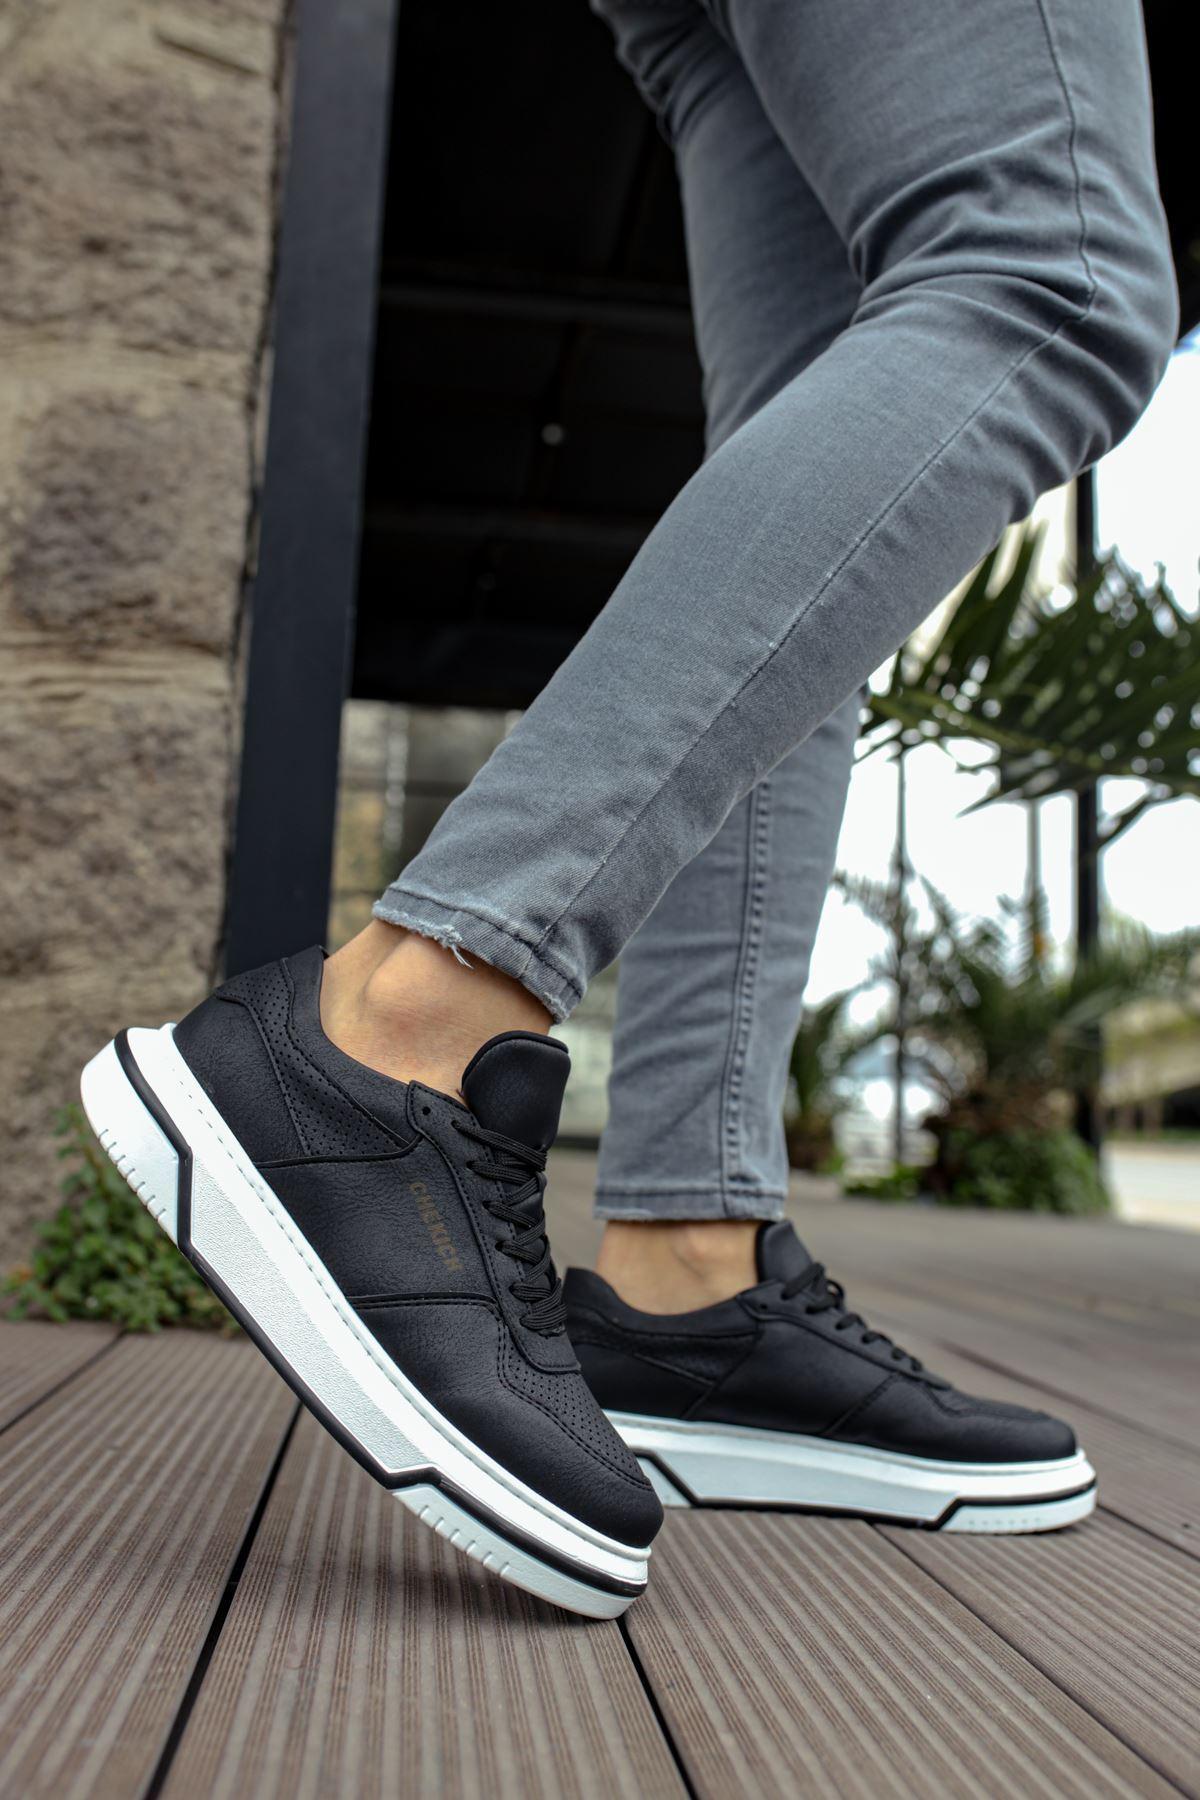 Chekich CH075 İpekyol Beyaz Taban Erkek Ayakkabı SIYAH